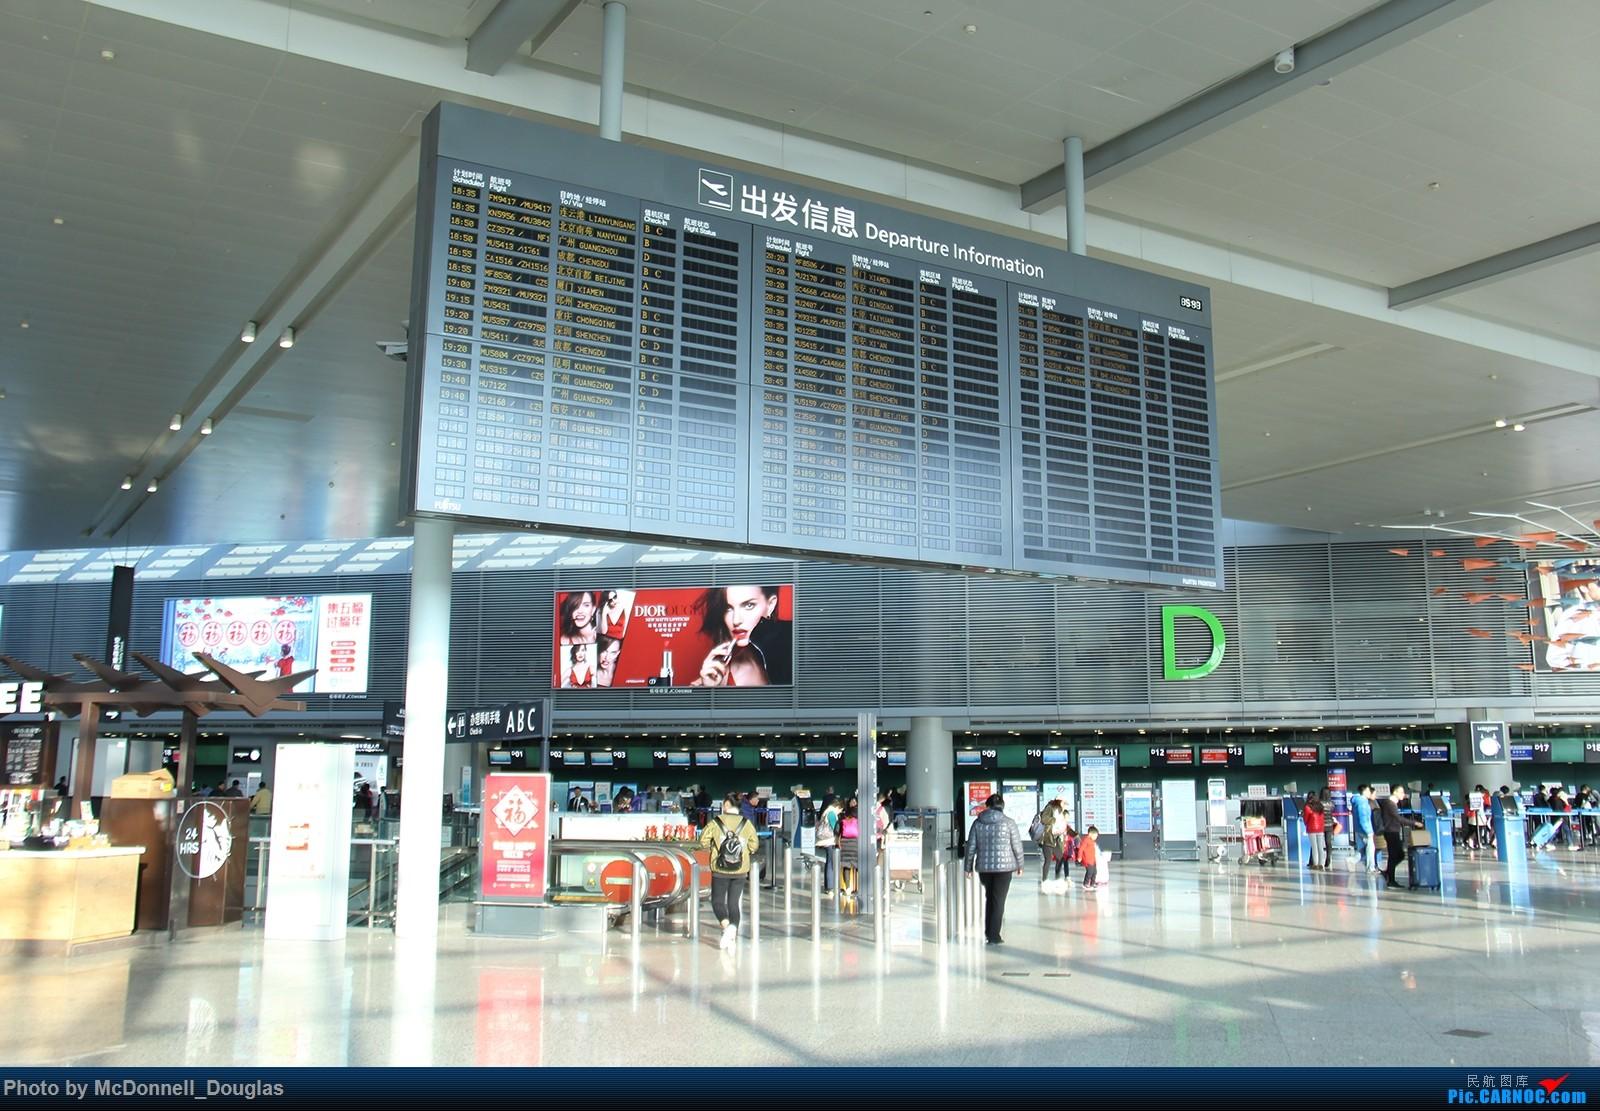 [原创]【上海飞友会】【zc带你游天下(4)】不远千里飞跃喜马拉雅去看你,探寻高山另一边的神秘国度,和一群贫穷却快乐着的人们 COMAC ARJ21-700 B-3321 中国上海虹桥国际机场 中国上海虹桥国际机场